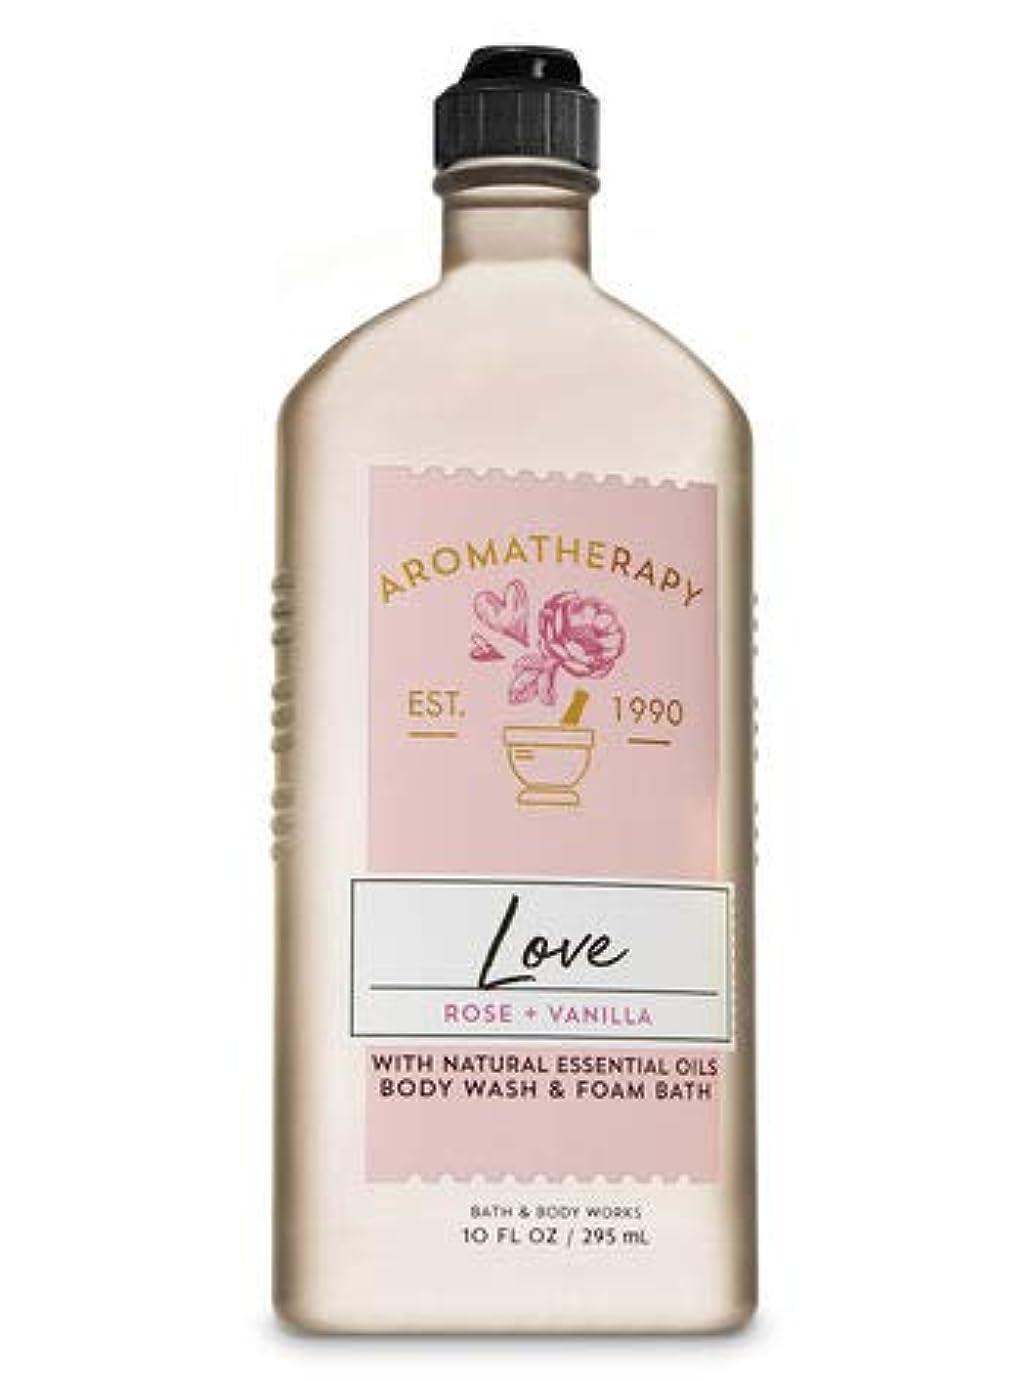 最近作曲家せがむ【Bath&Body Works/バス&ボディワークス】 ボディウォッシュ&フォームバス アロマセラピー ラブ ローズ&バニラ Body Wash & Foam Bath Aromatherapy Love Rose &...